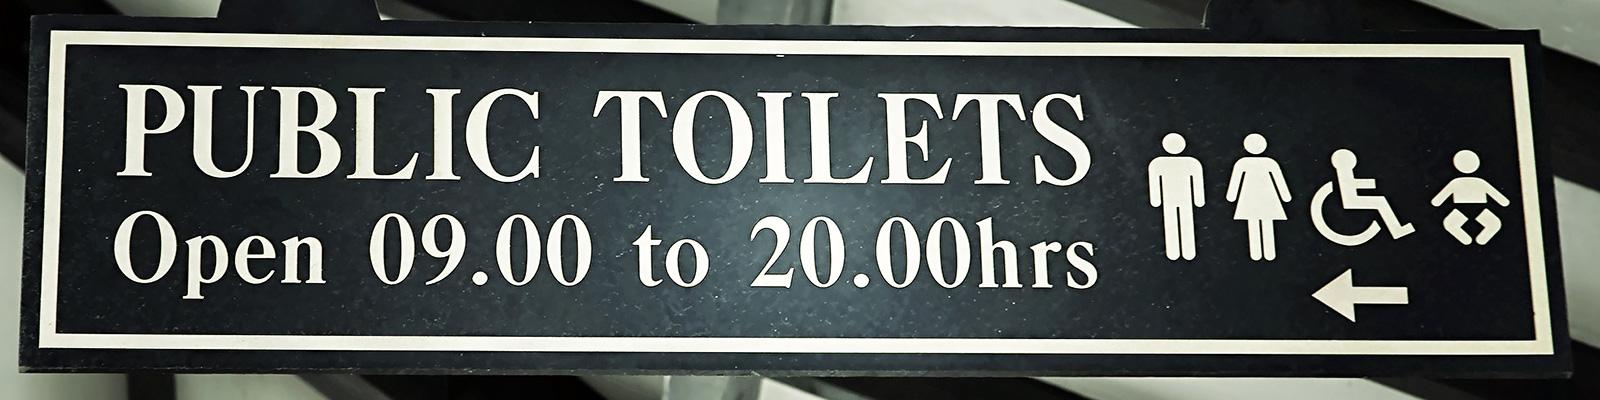 イギリス トイレ イメージ